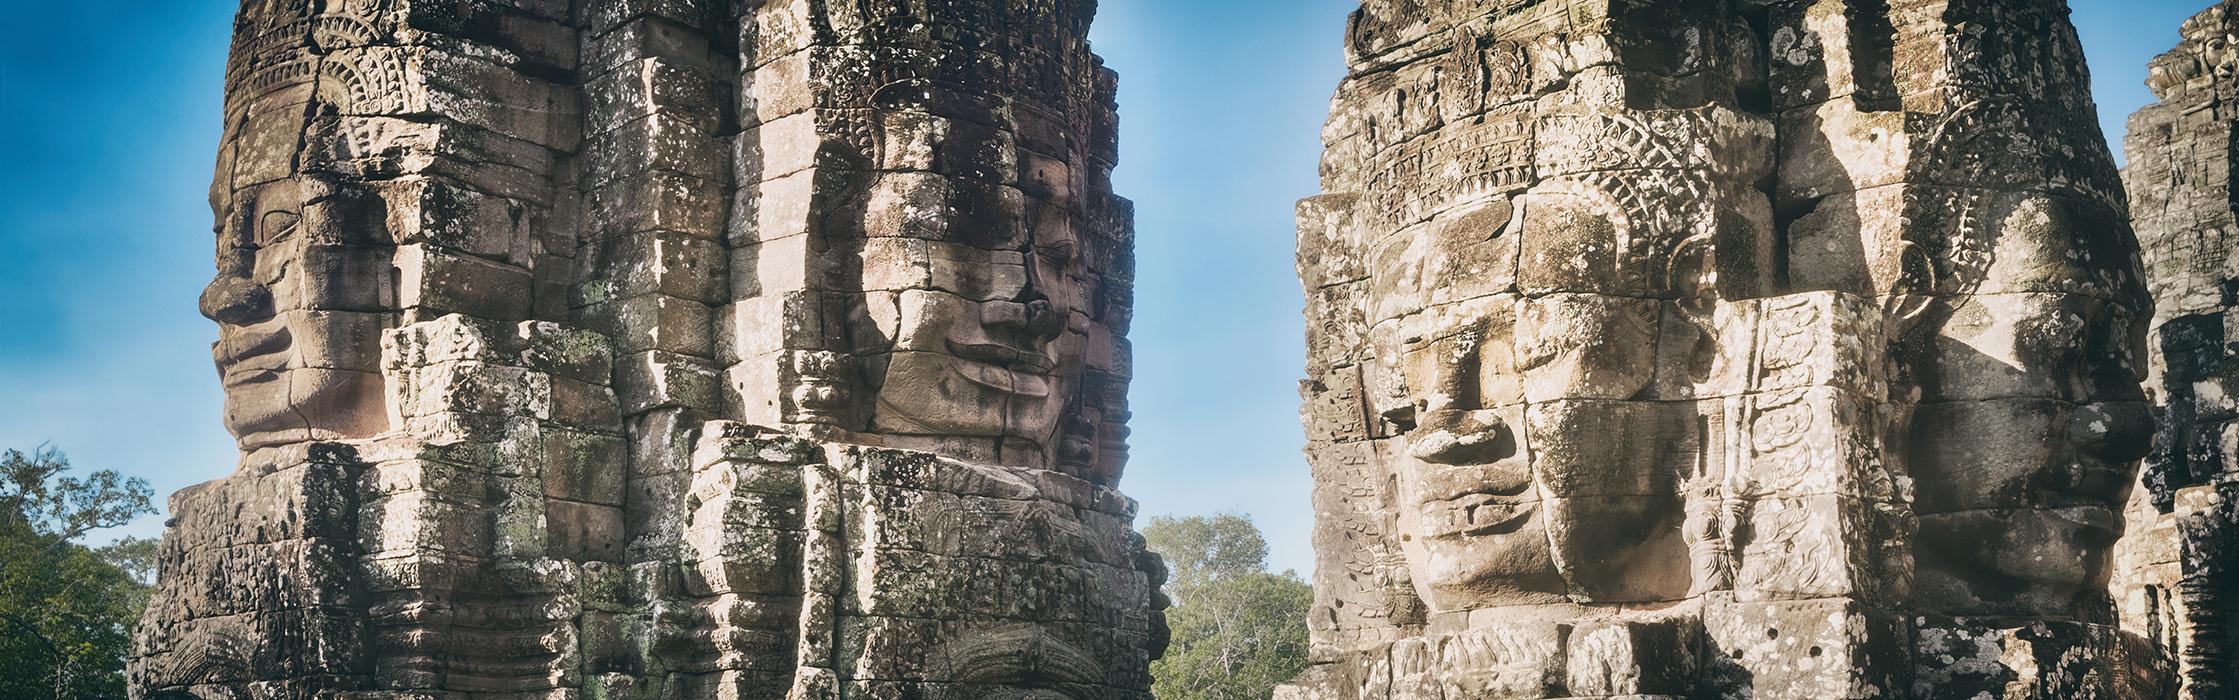 Bayon Face Siem Reap Cambodia